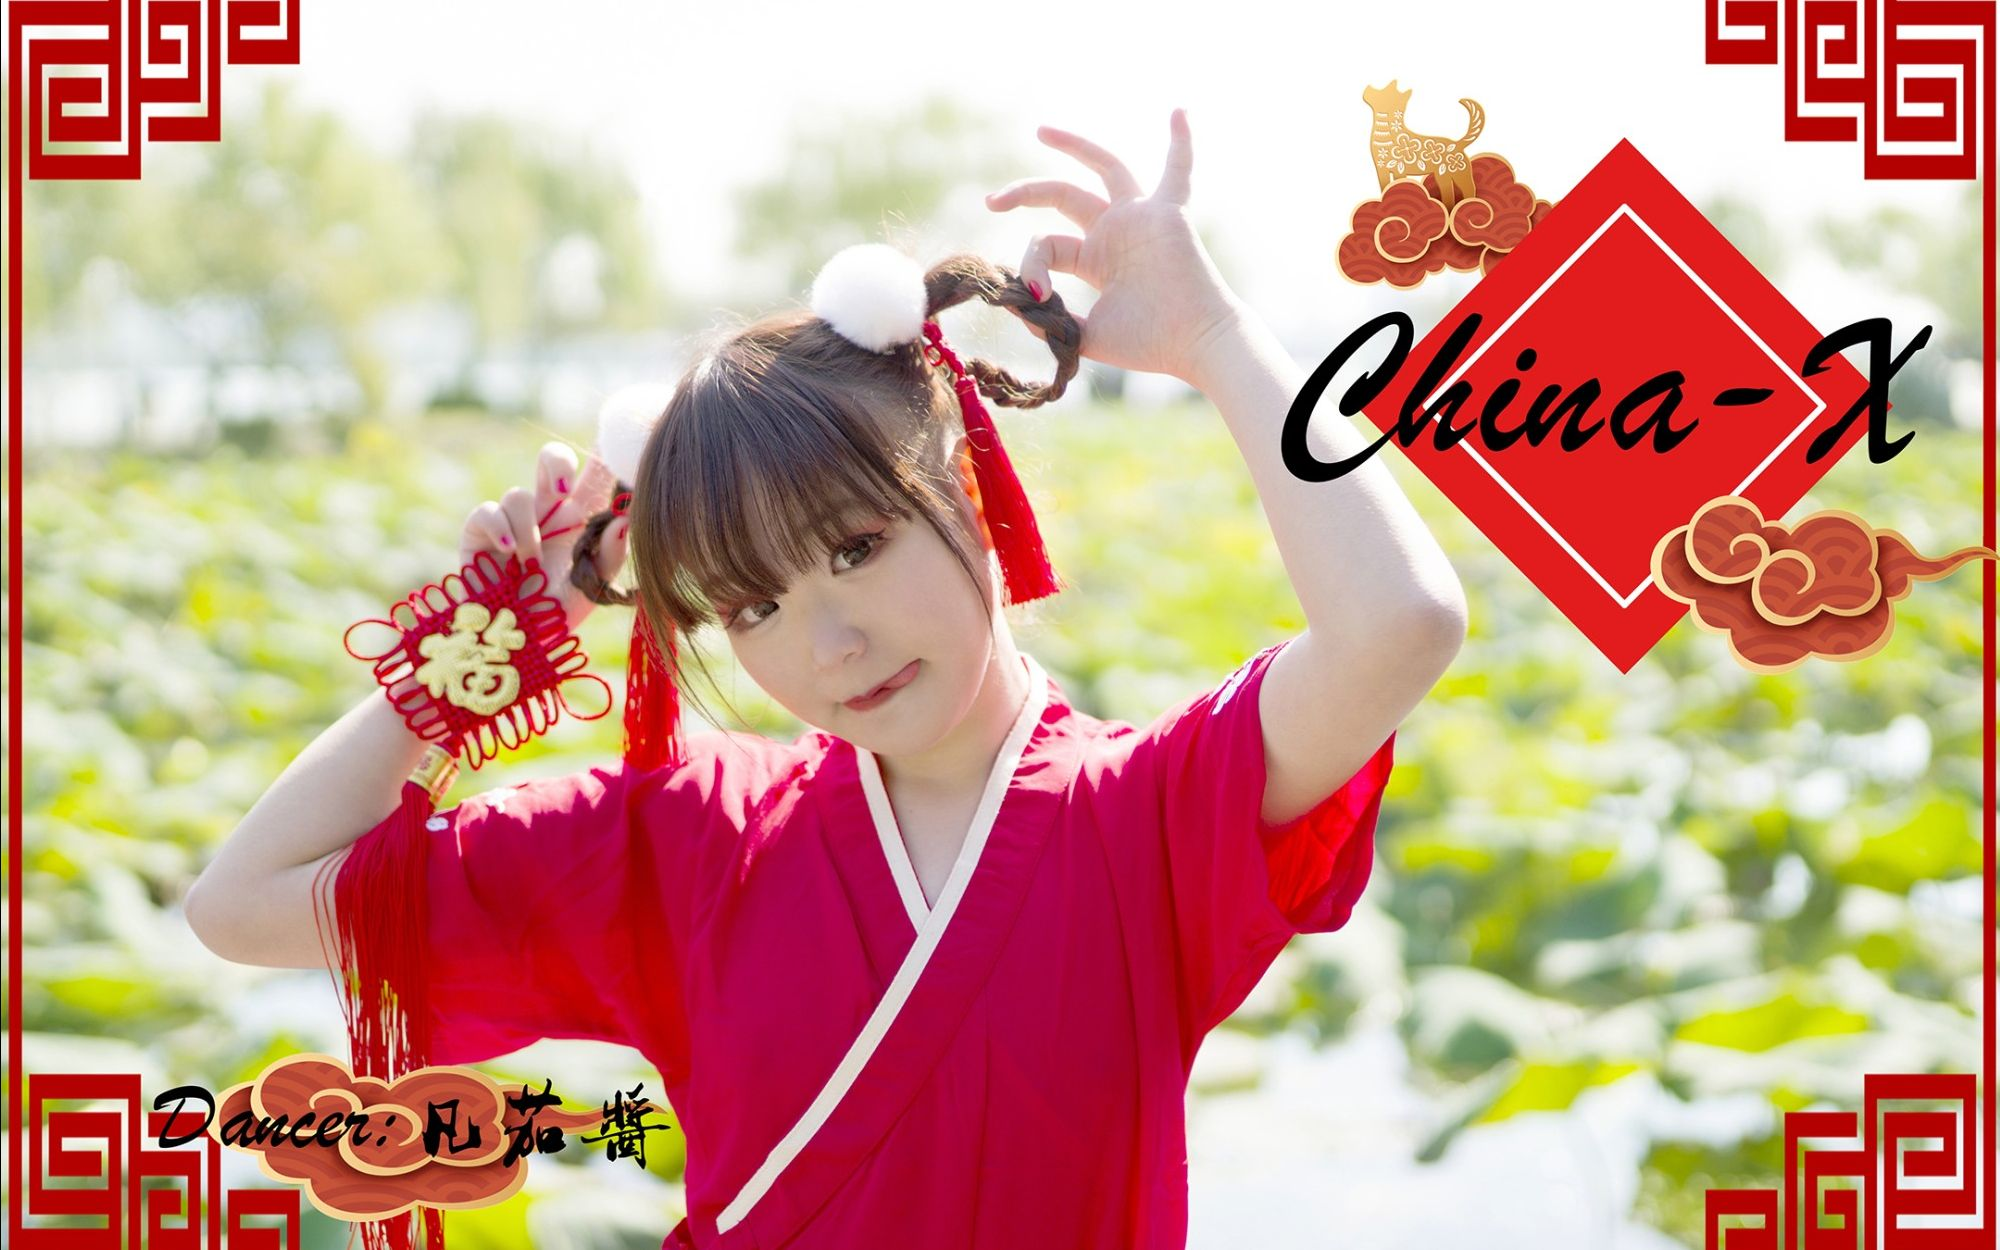 【凡茄酱】《China—X》【旺(万)事如意,春节快乐!】